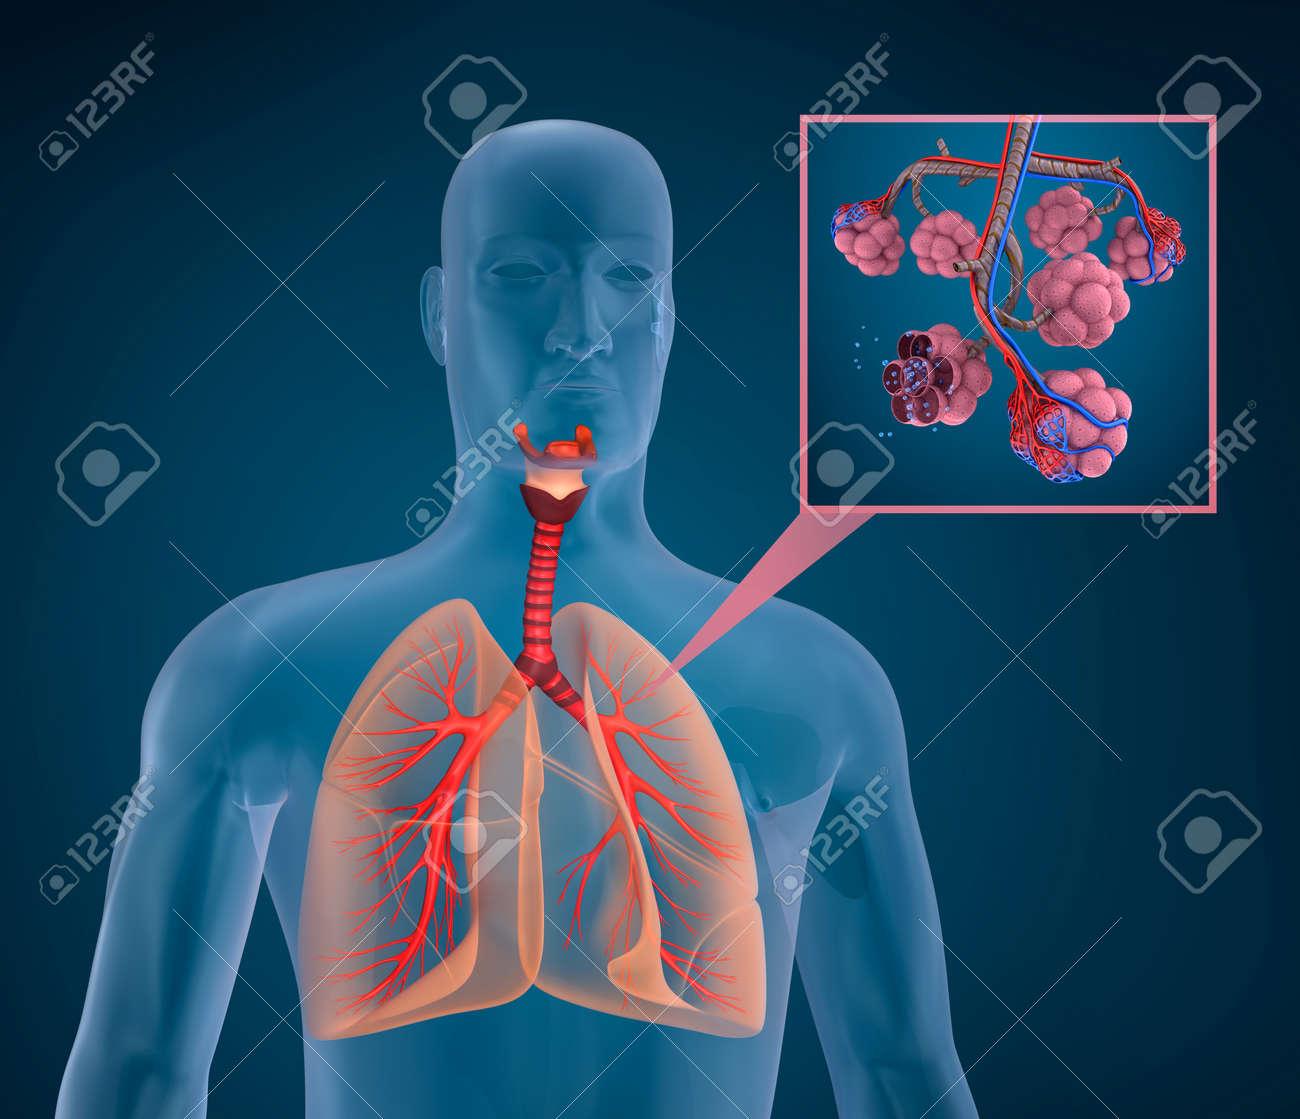 Anatomie Des Menschlichen Atmungssystem - Blut Durch Sauerstoff ...